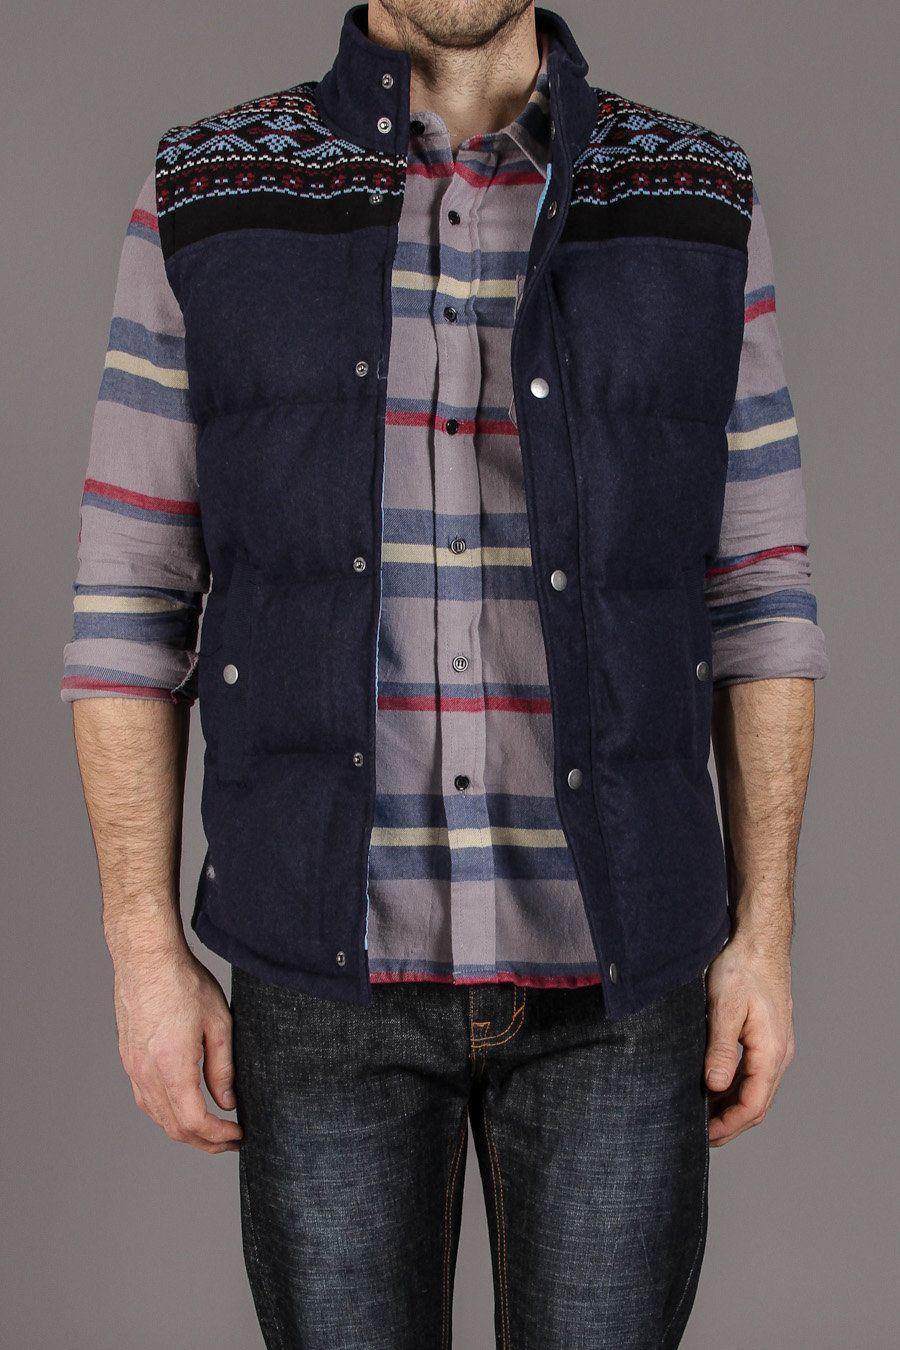 DStruct Elkin Vest Mens outfits, Gentleman style, Men